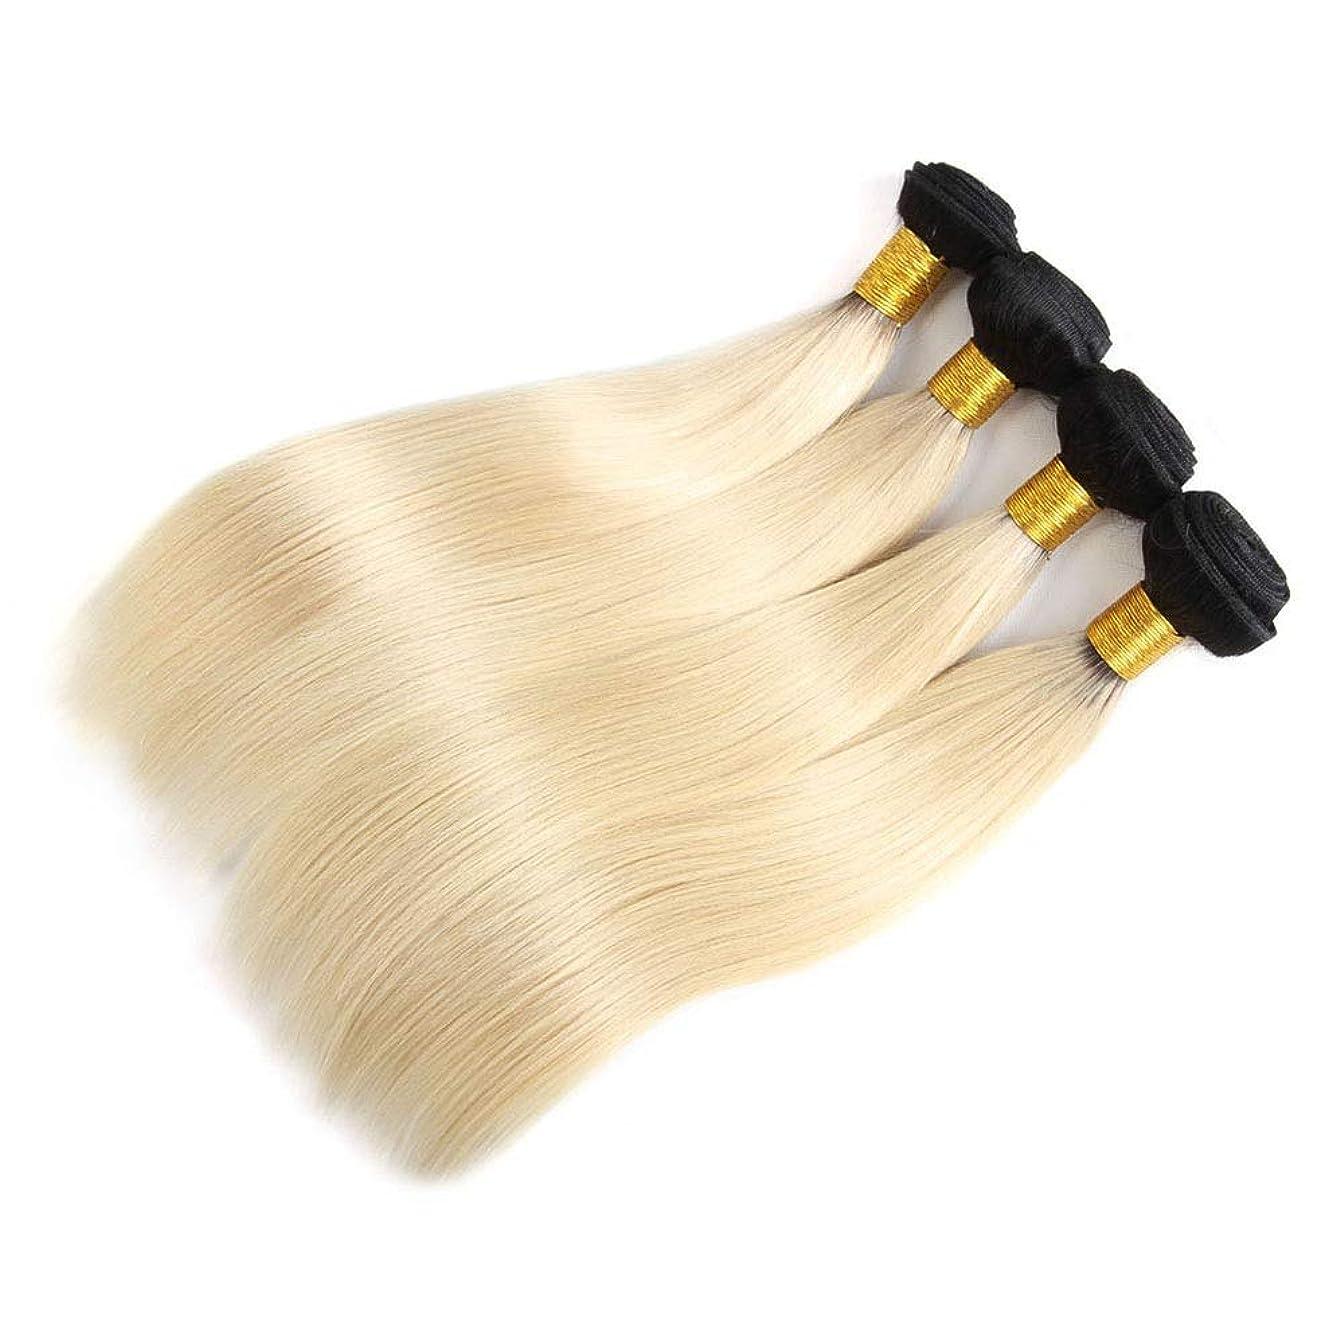 リアル流星コンドームBOBIDYEE 1B / 613金髪絹のようなストレート100%人毛織りバンドル16インチヘアエクステンション女性の合成かつらレースかつらロールプレイングかつら (色 : 黒, サイズ : 24 inch)